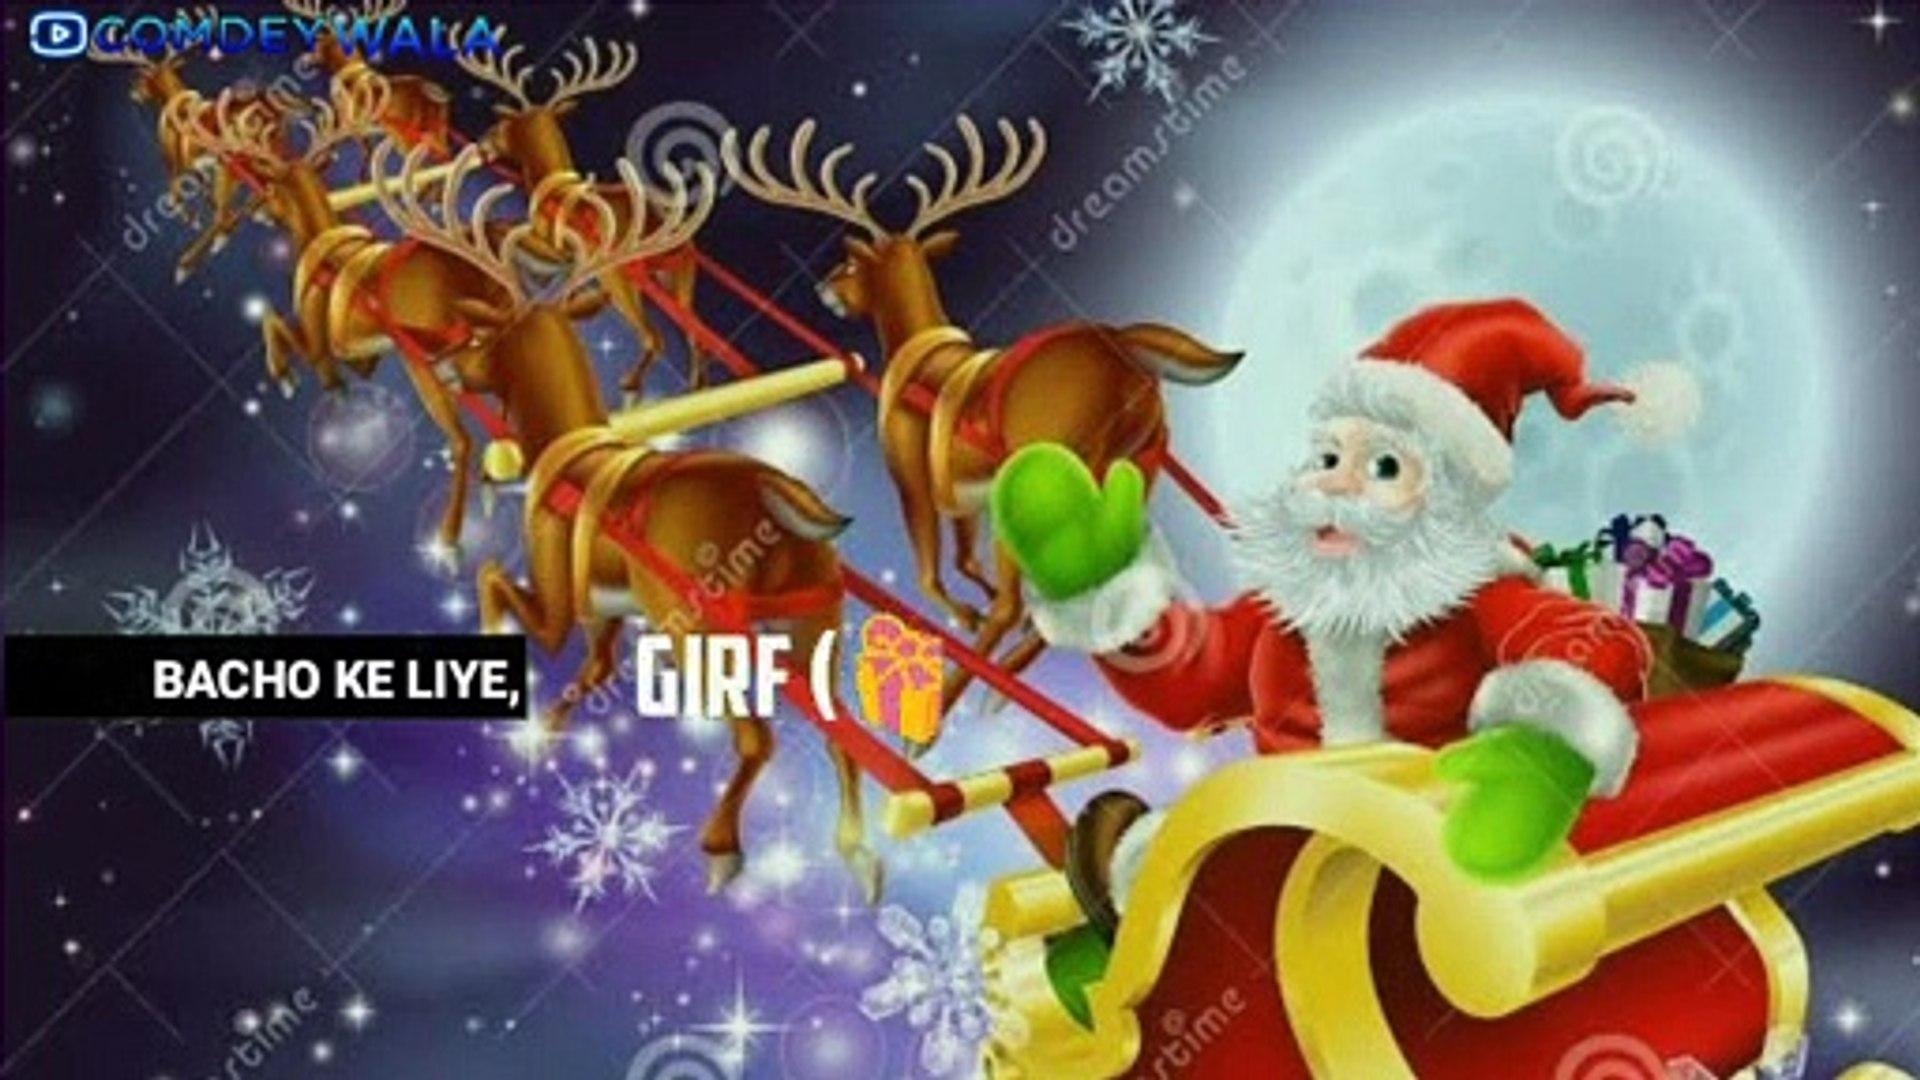 Christmas day Song।। Whatsapp Status, ।।Merry Christmas Status 2020, Happy Christmas Day Status